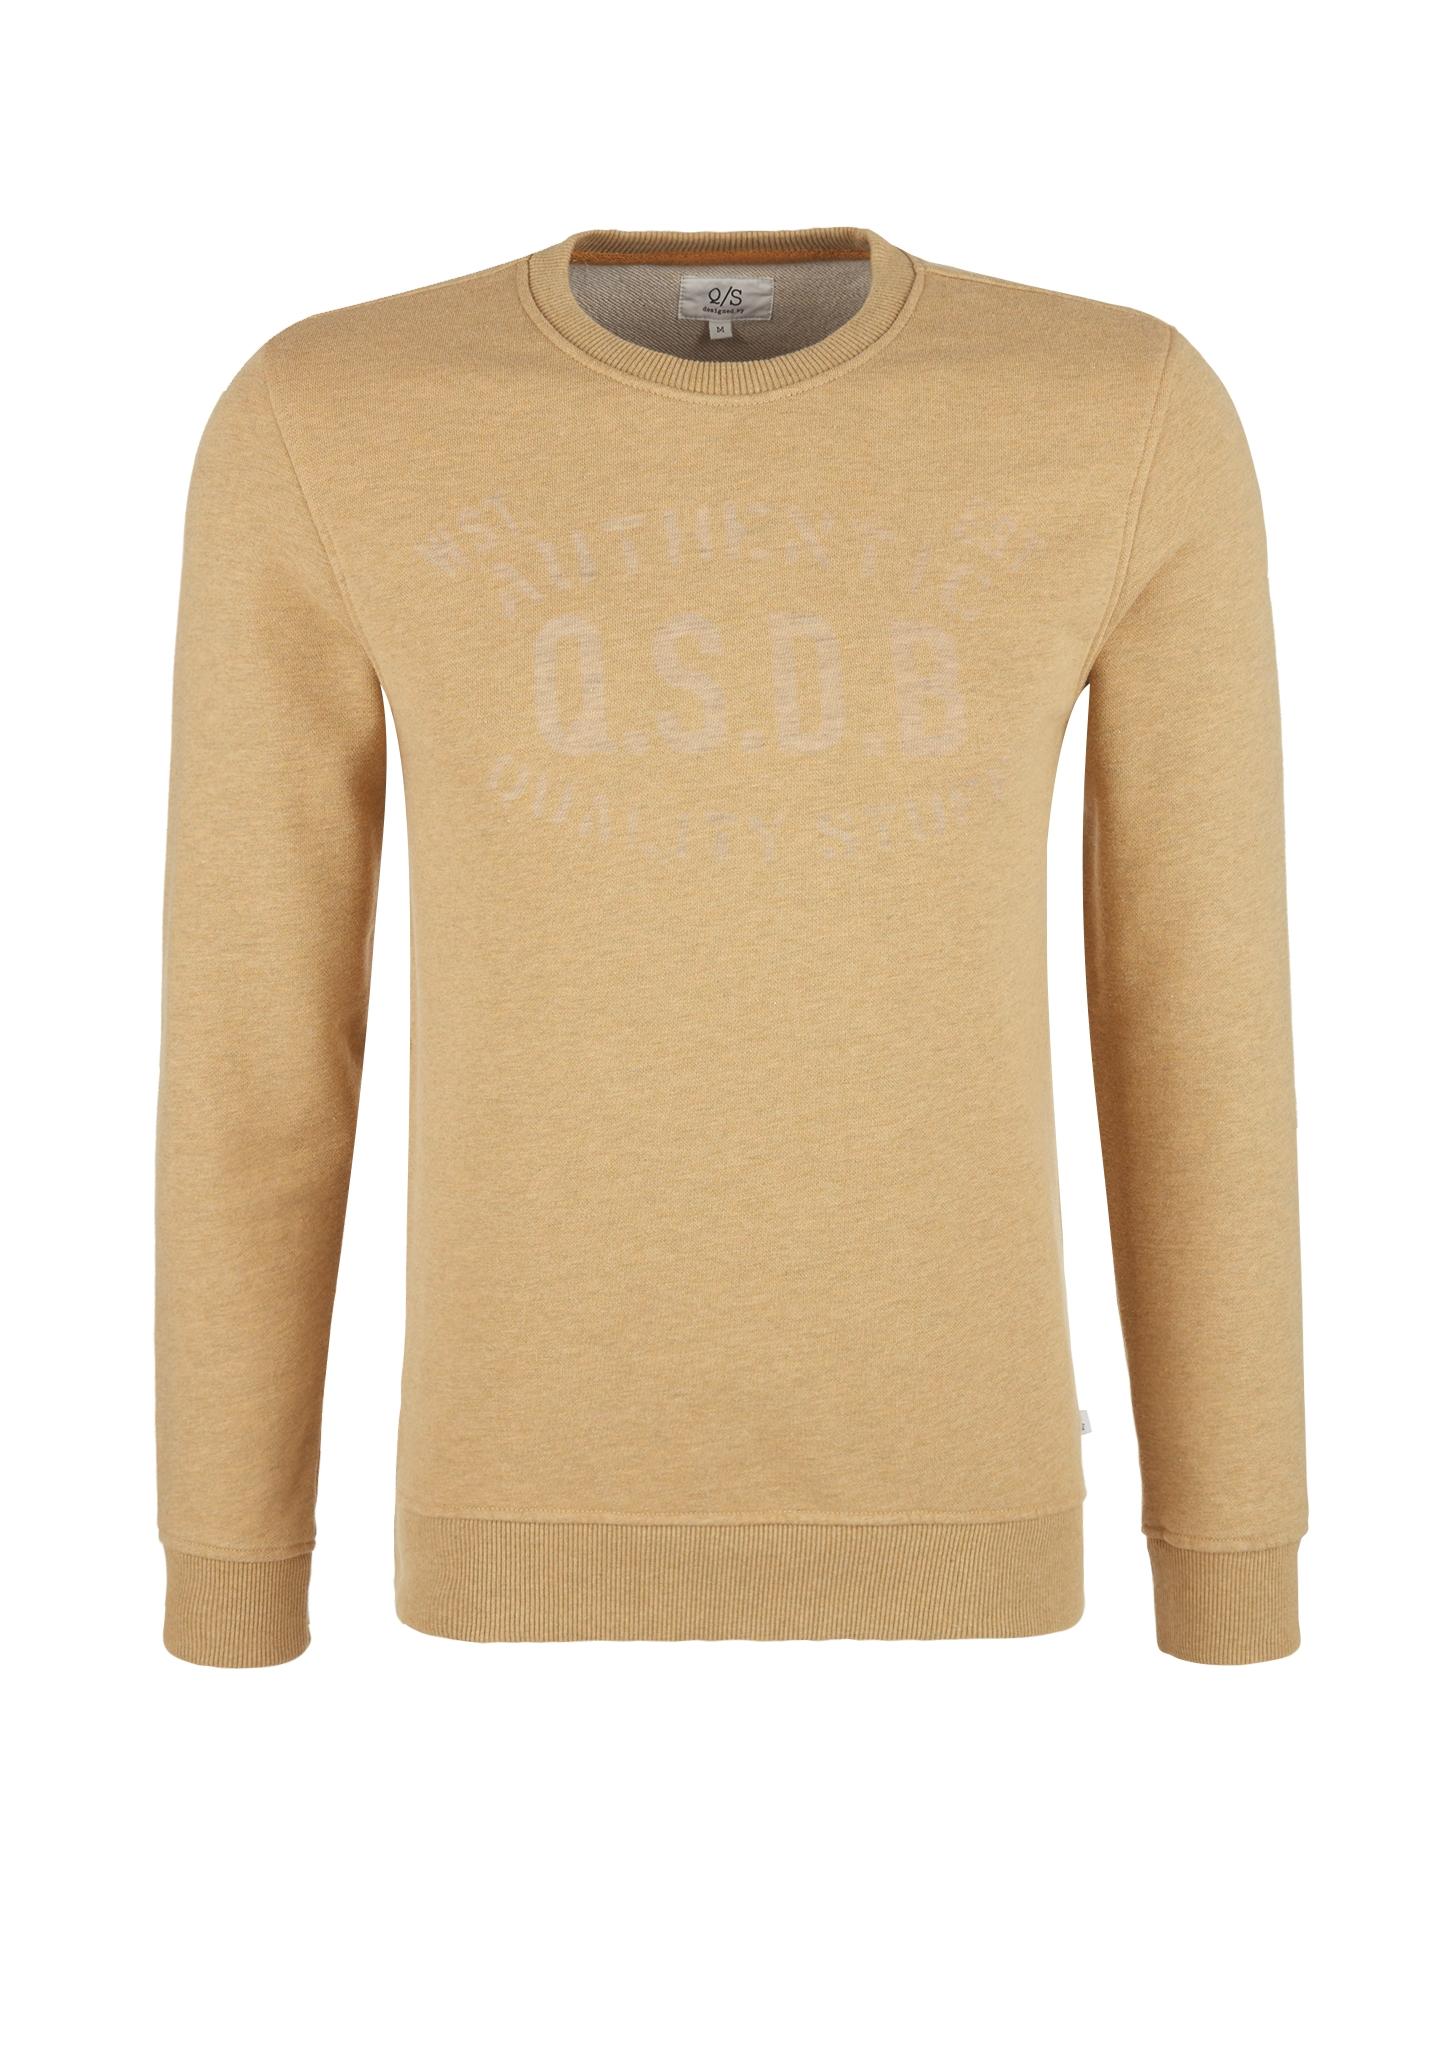 Sweatshirt | Bekleidung > Sweatshirts & -jacken > Sweatshirts | Braun | 75% baumwolle -  25% polyester | Q/S designed by